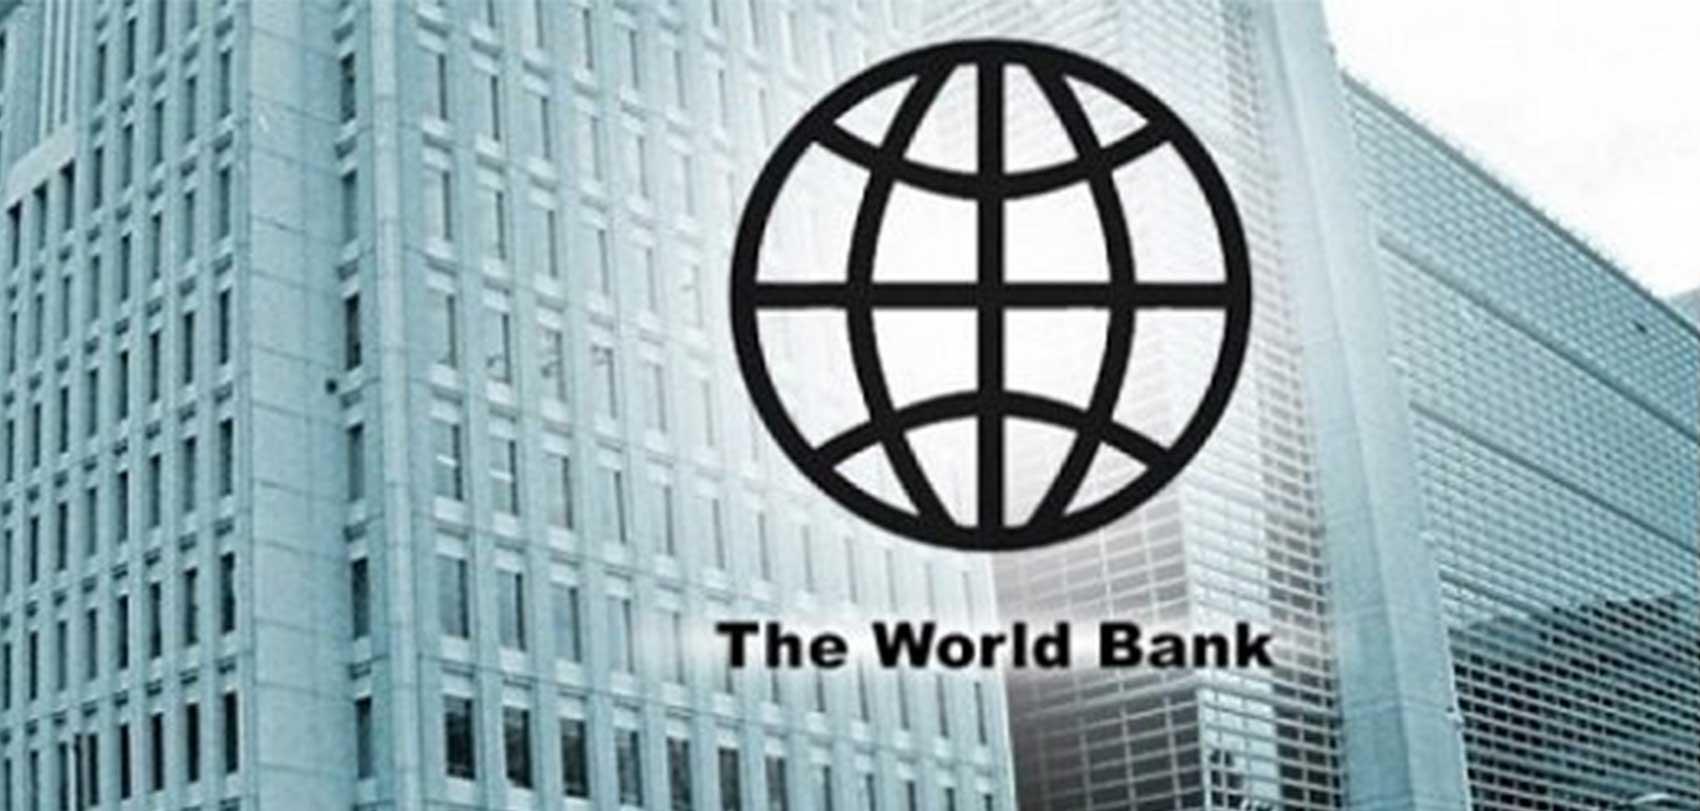 नेपालको उच्च शिक्षा गुणस्तर सुधारमा विश्व बैंकद्वारा ७ अर्ब सहायताको…